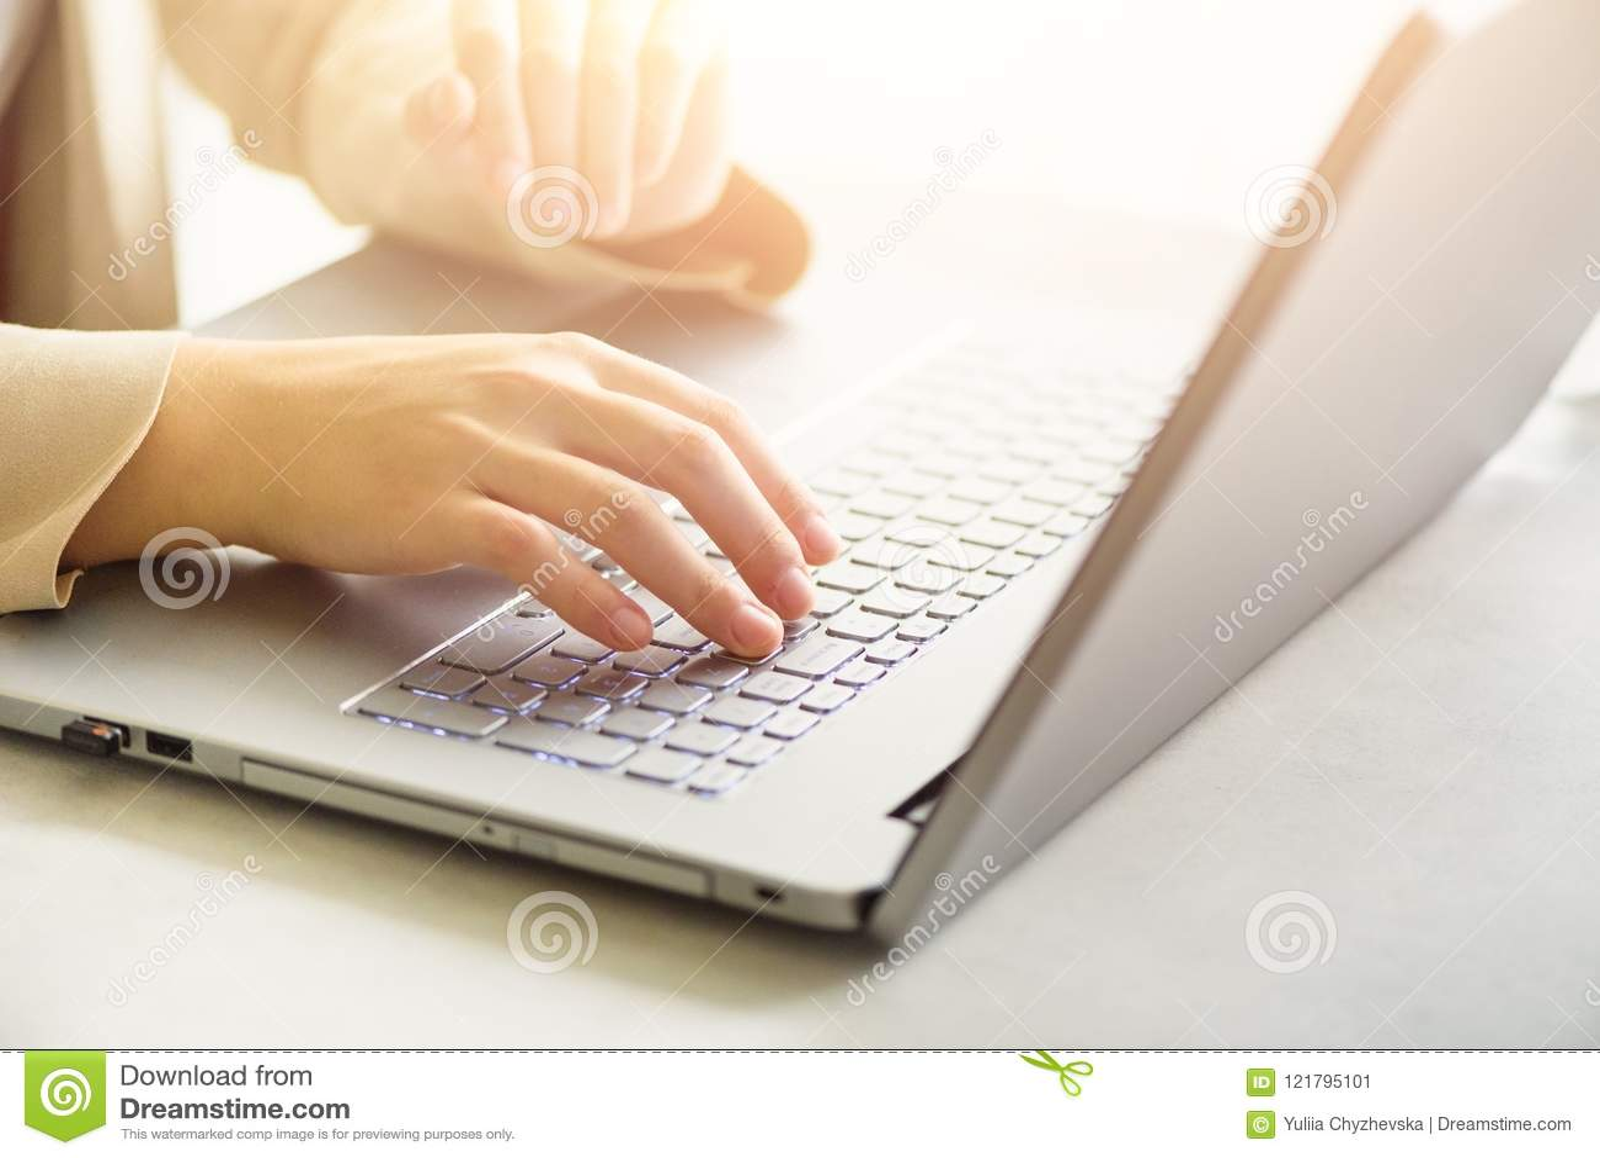 Donna che lavora alla fine del computer su La donna passa la battitura a macchina sulla tastiera del computer portatile, dettagli